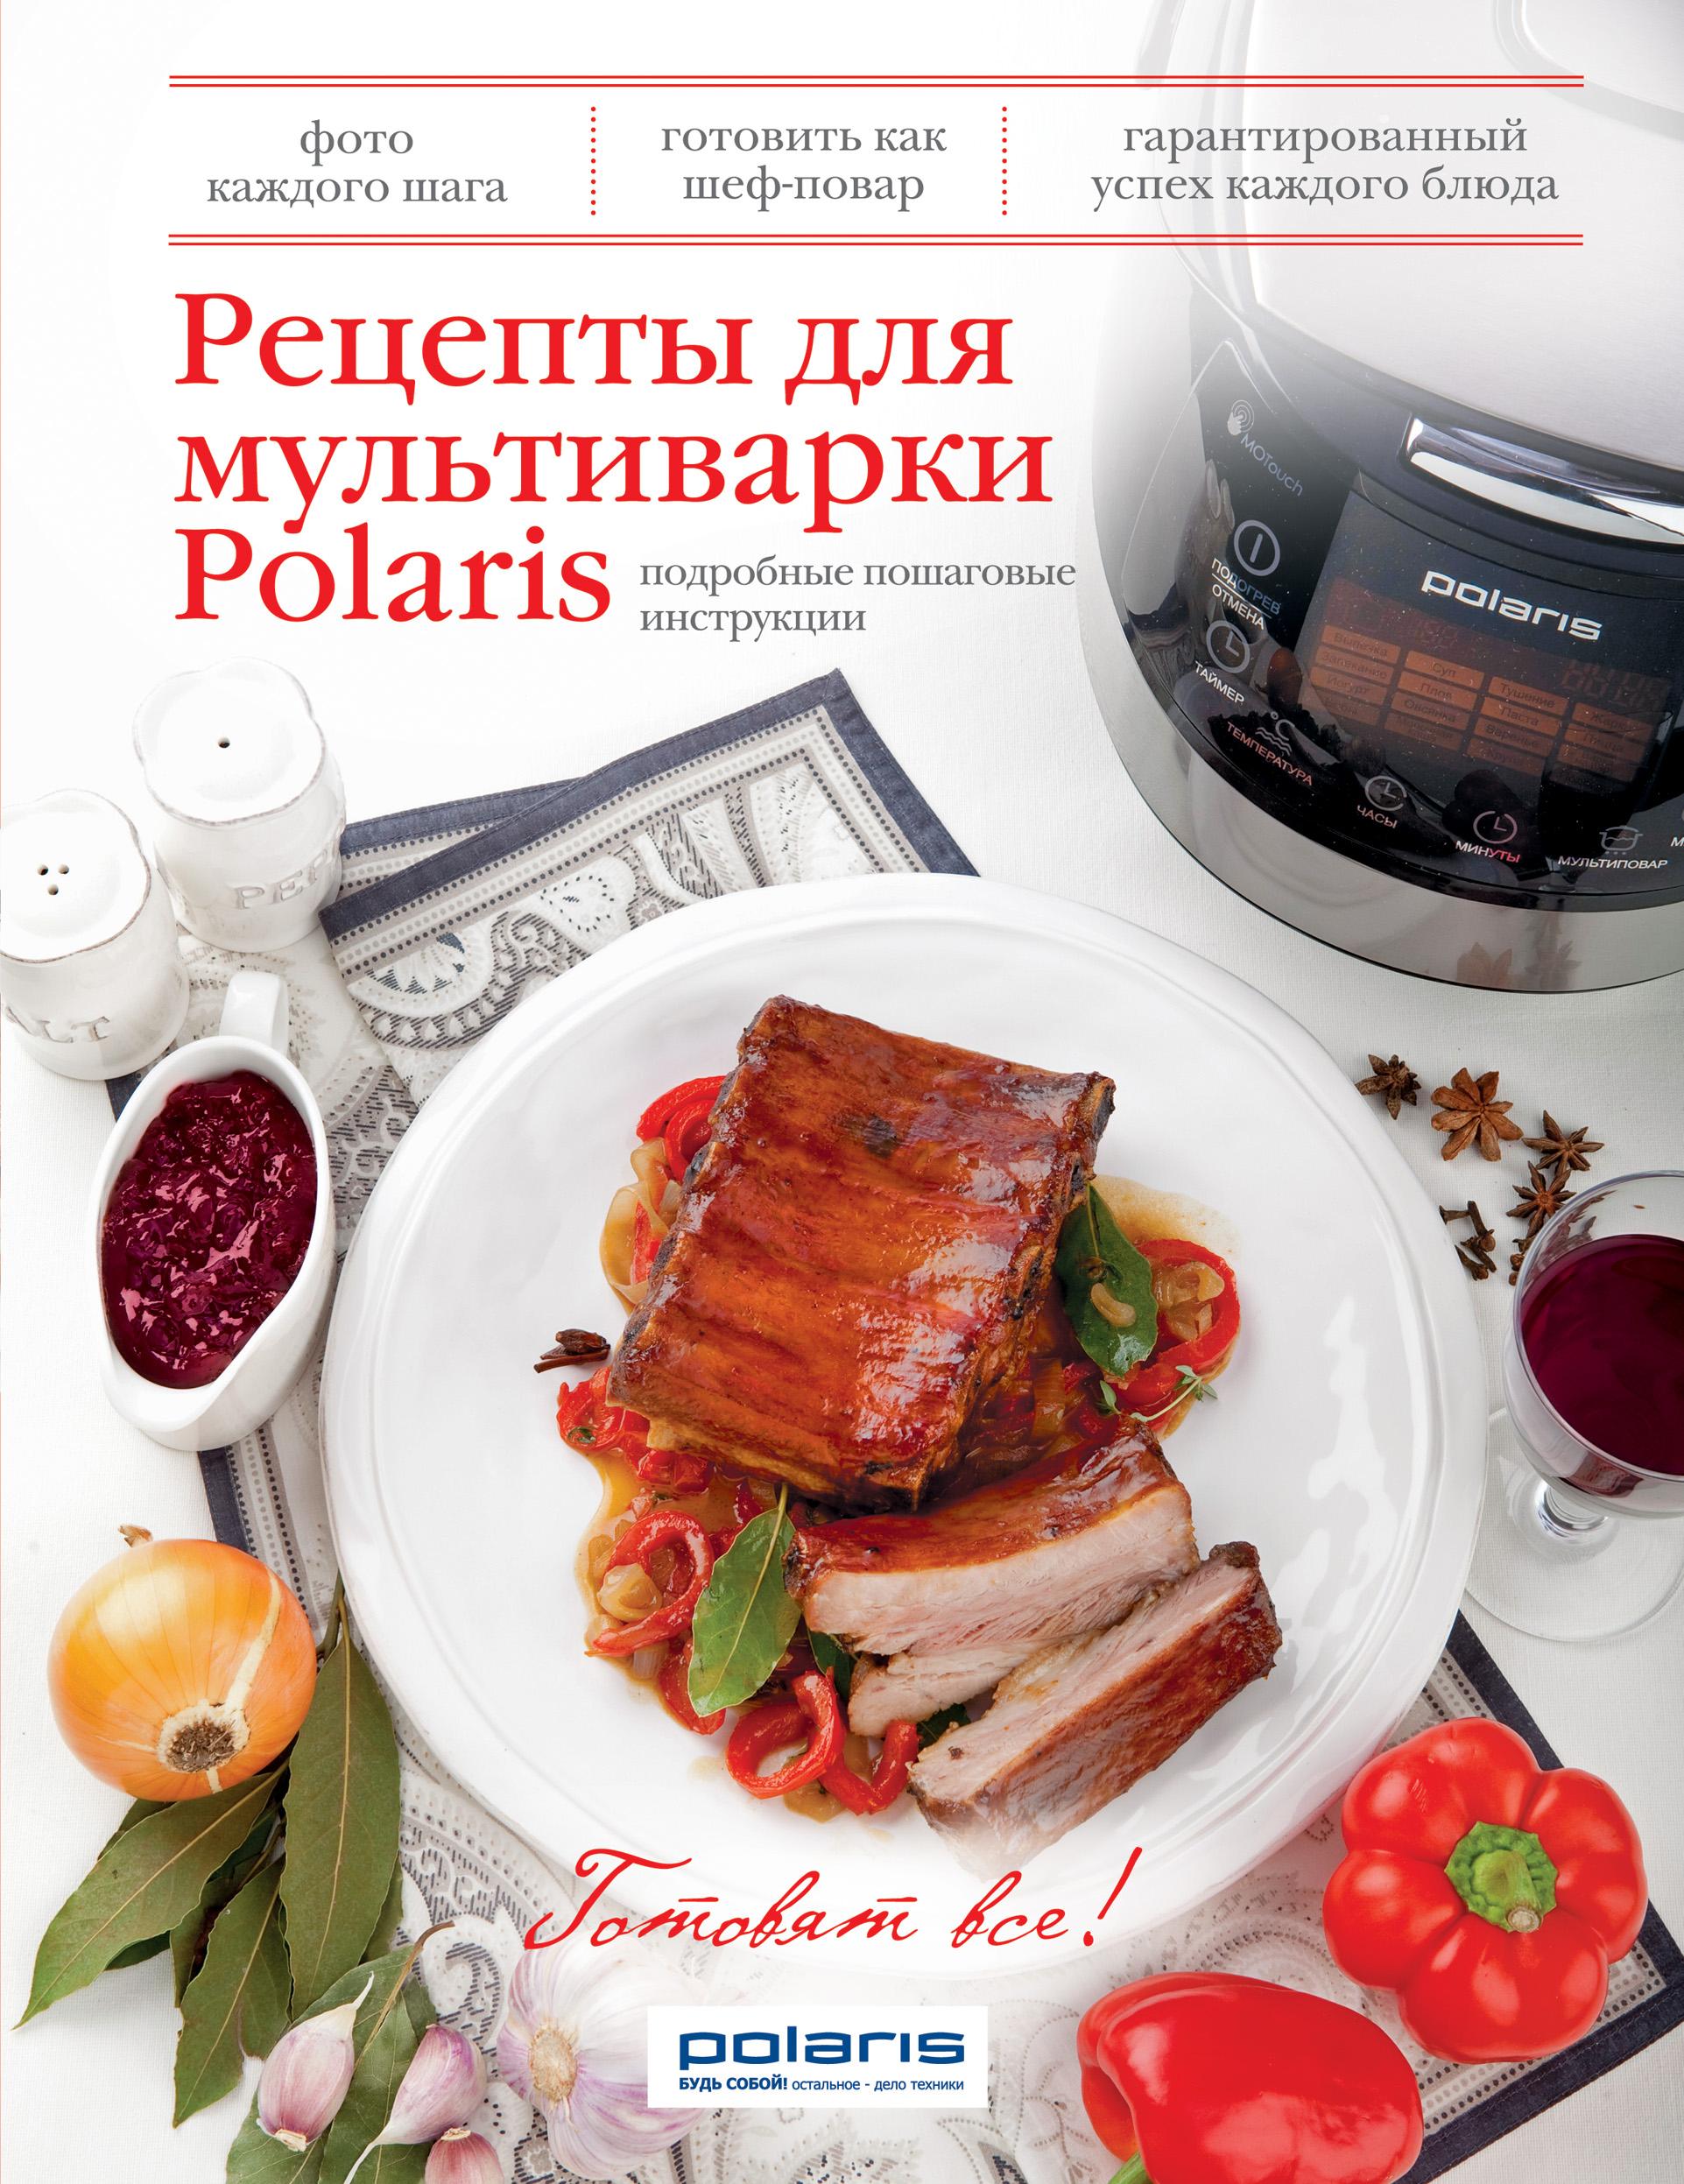 Мультиварка кулинарные рецепты фото